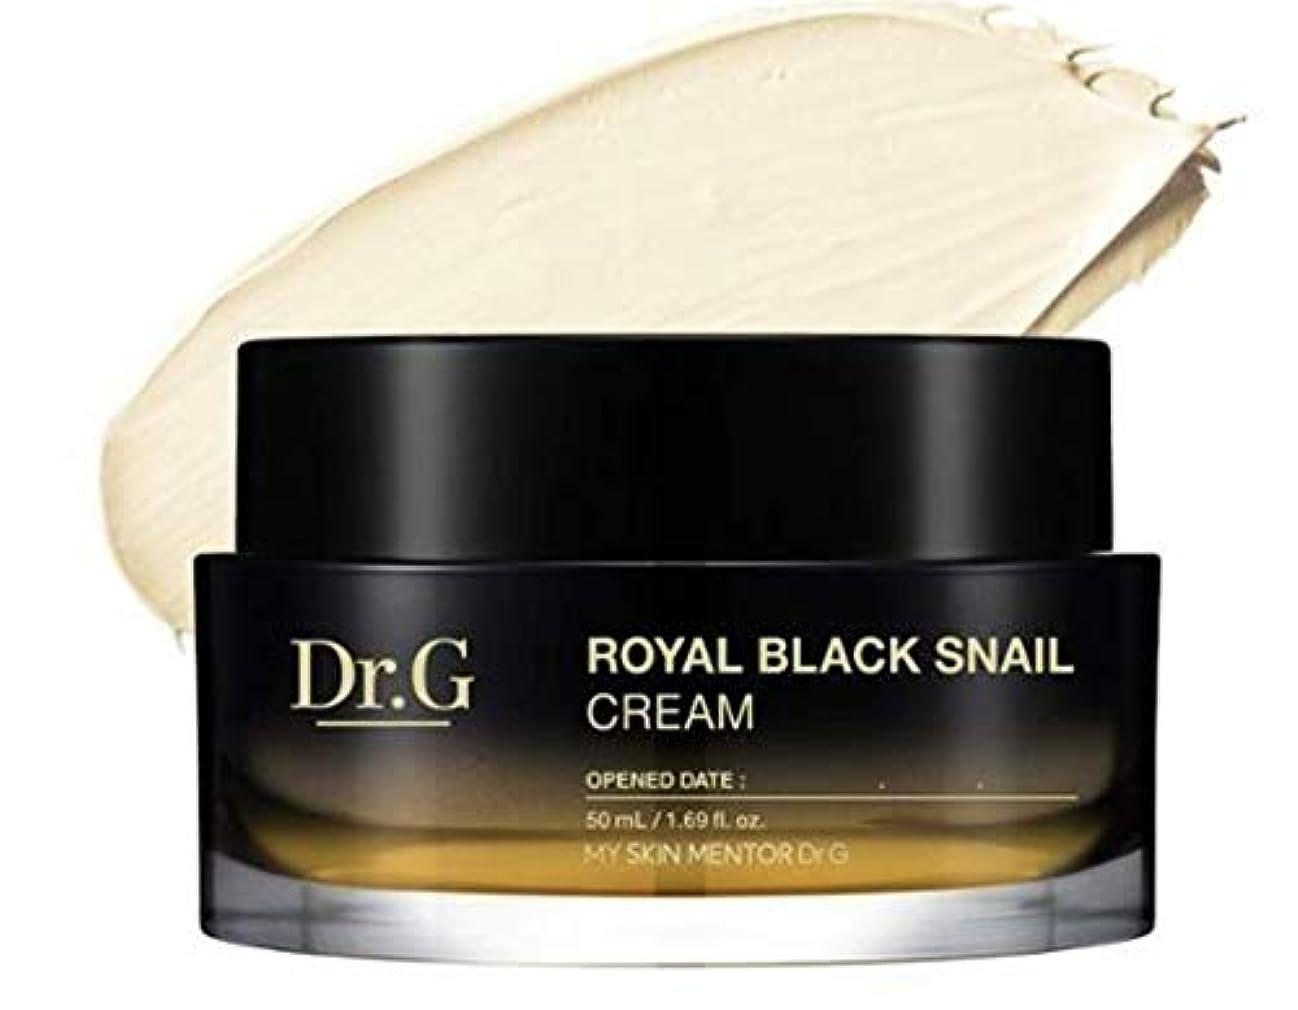 適応的メディカル船尾ドクタージー ロイヤル ブラックスネイルクリーム 50ml / DR.G ROYAL BLACK SNAIL CREAM